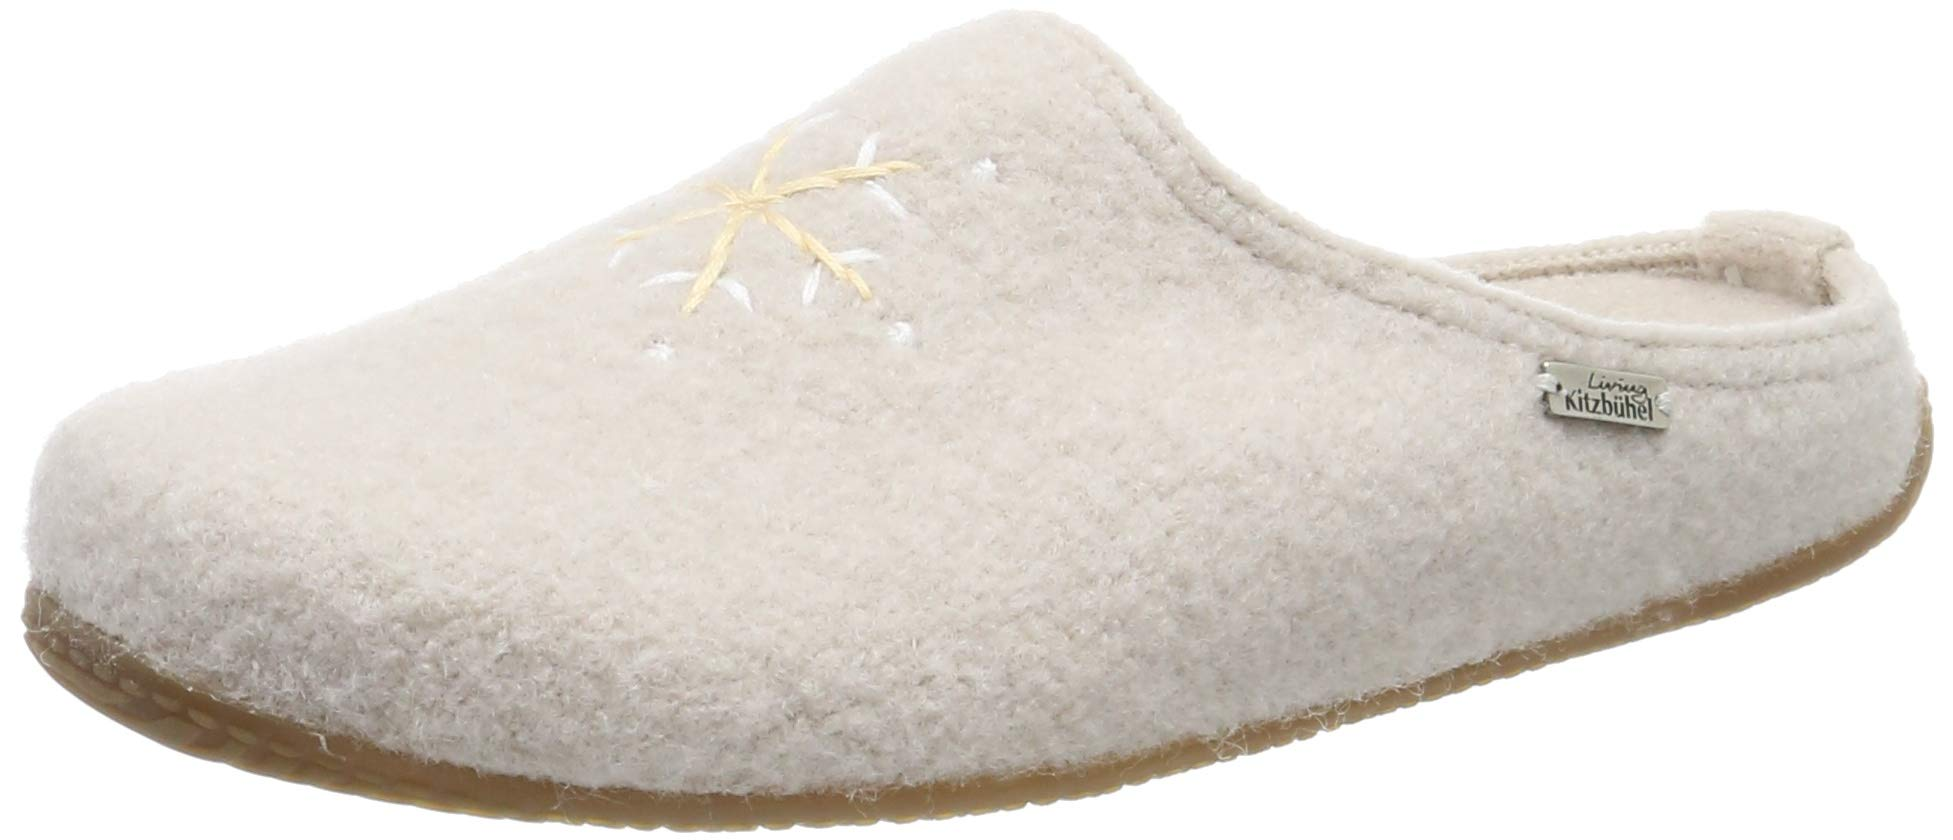 Schneestern FemmeBlancfrost Kitzbühel Mit 011338 Eu Living FußbettChaussons Pantoffel Mules n08wOkPX